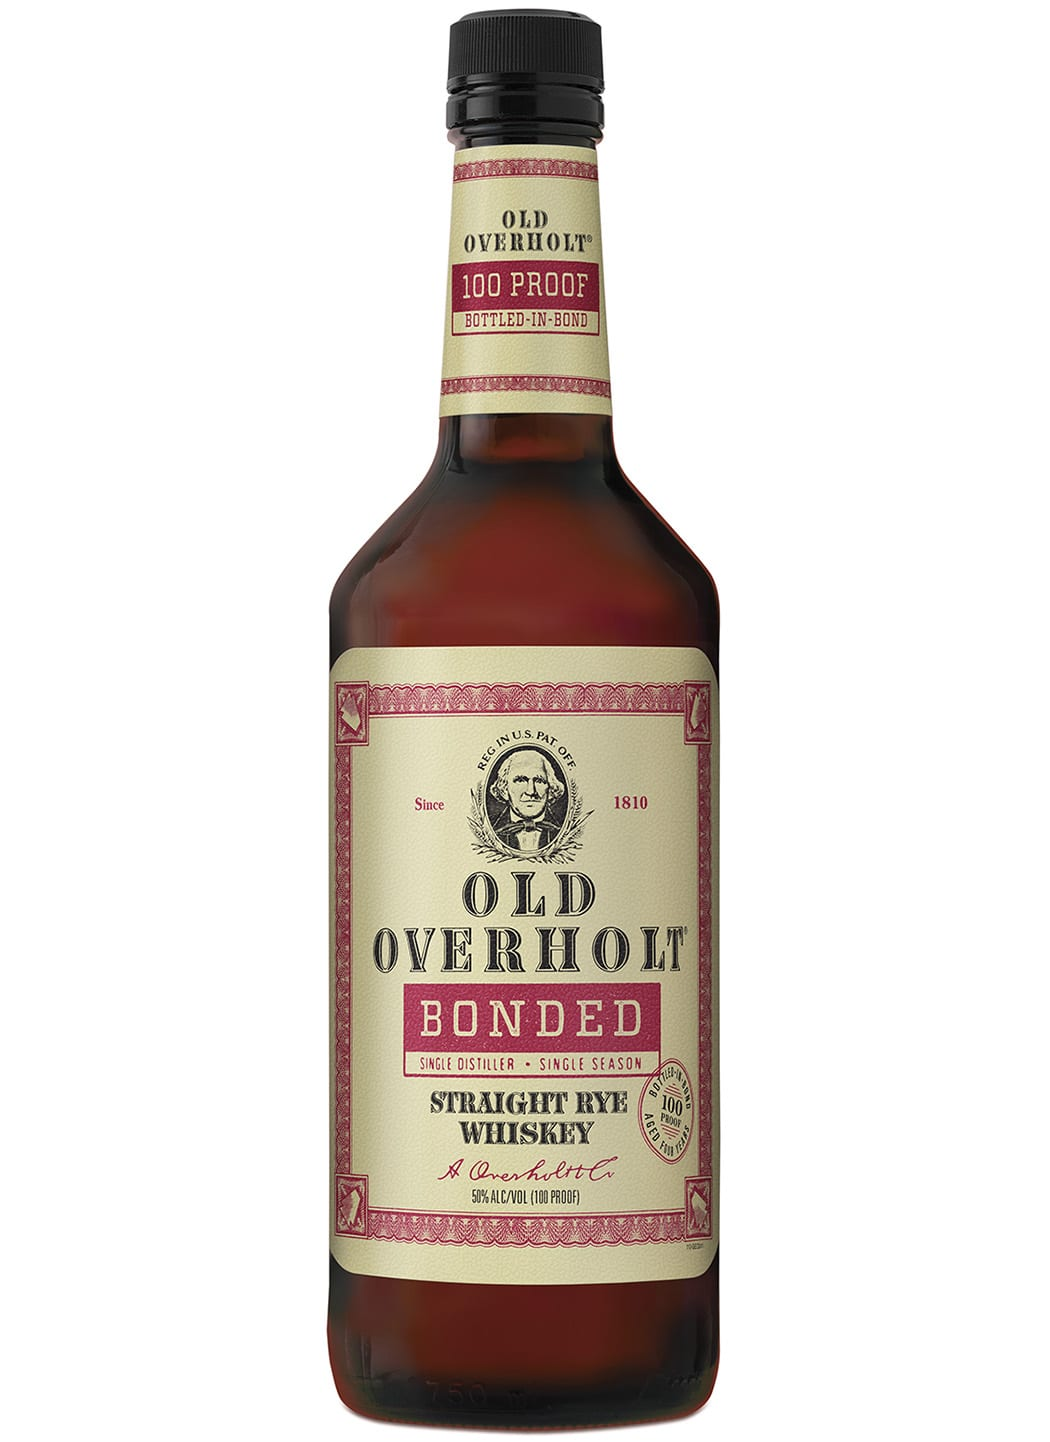 Old Overholt